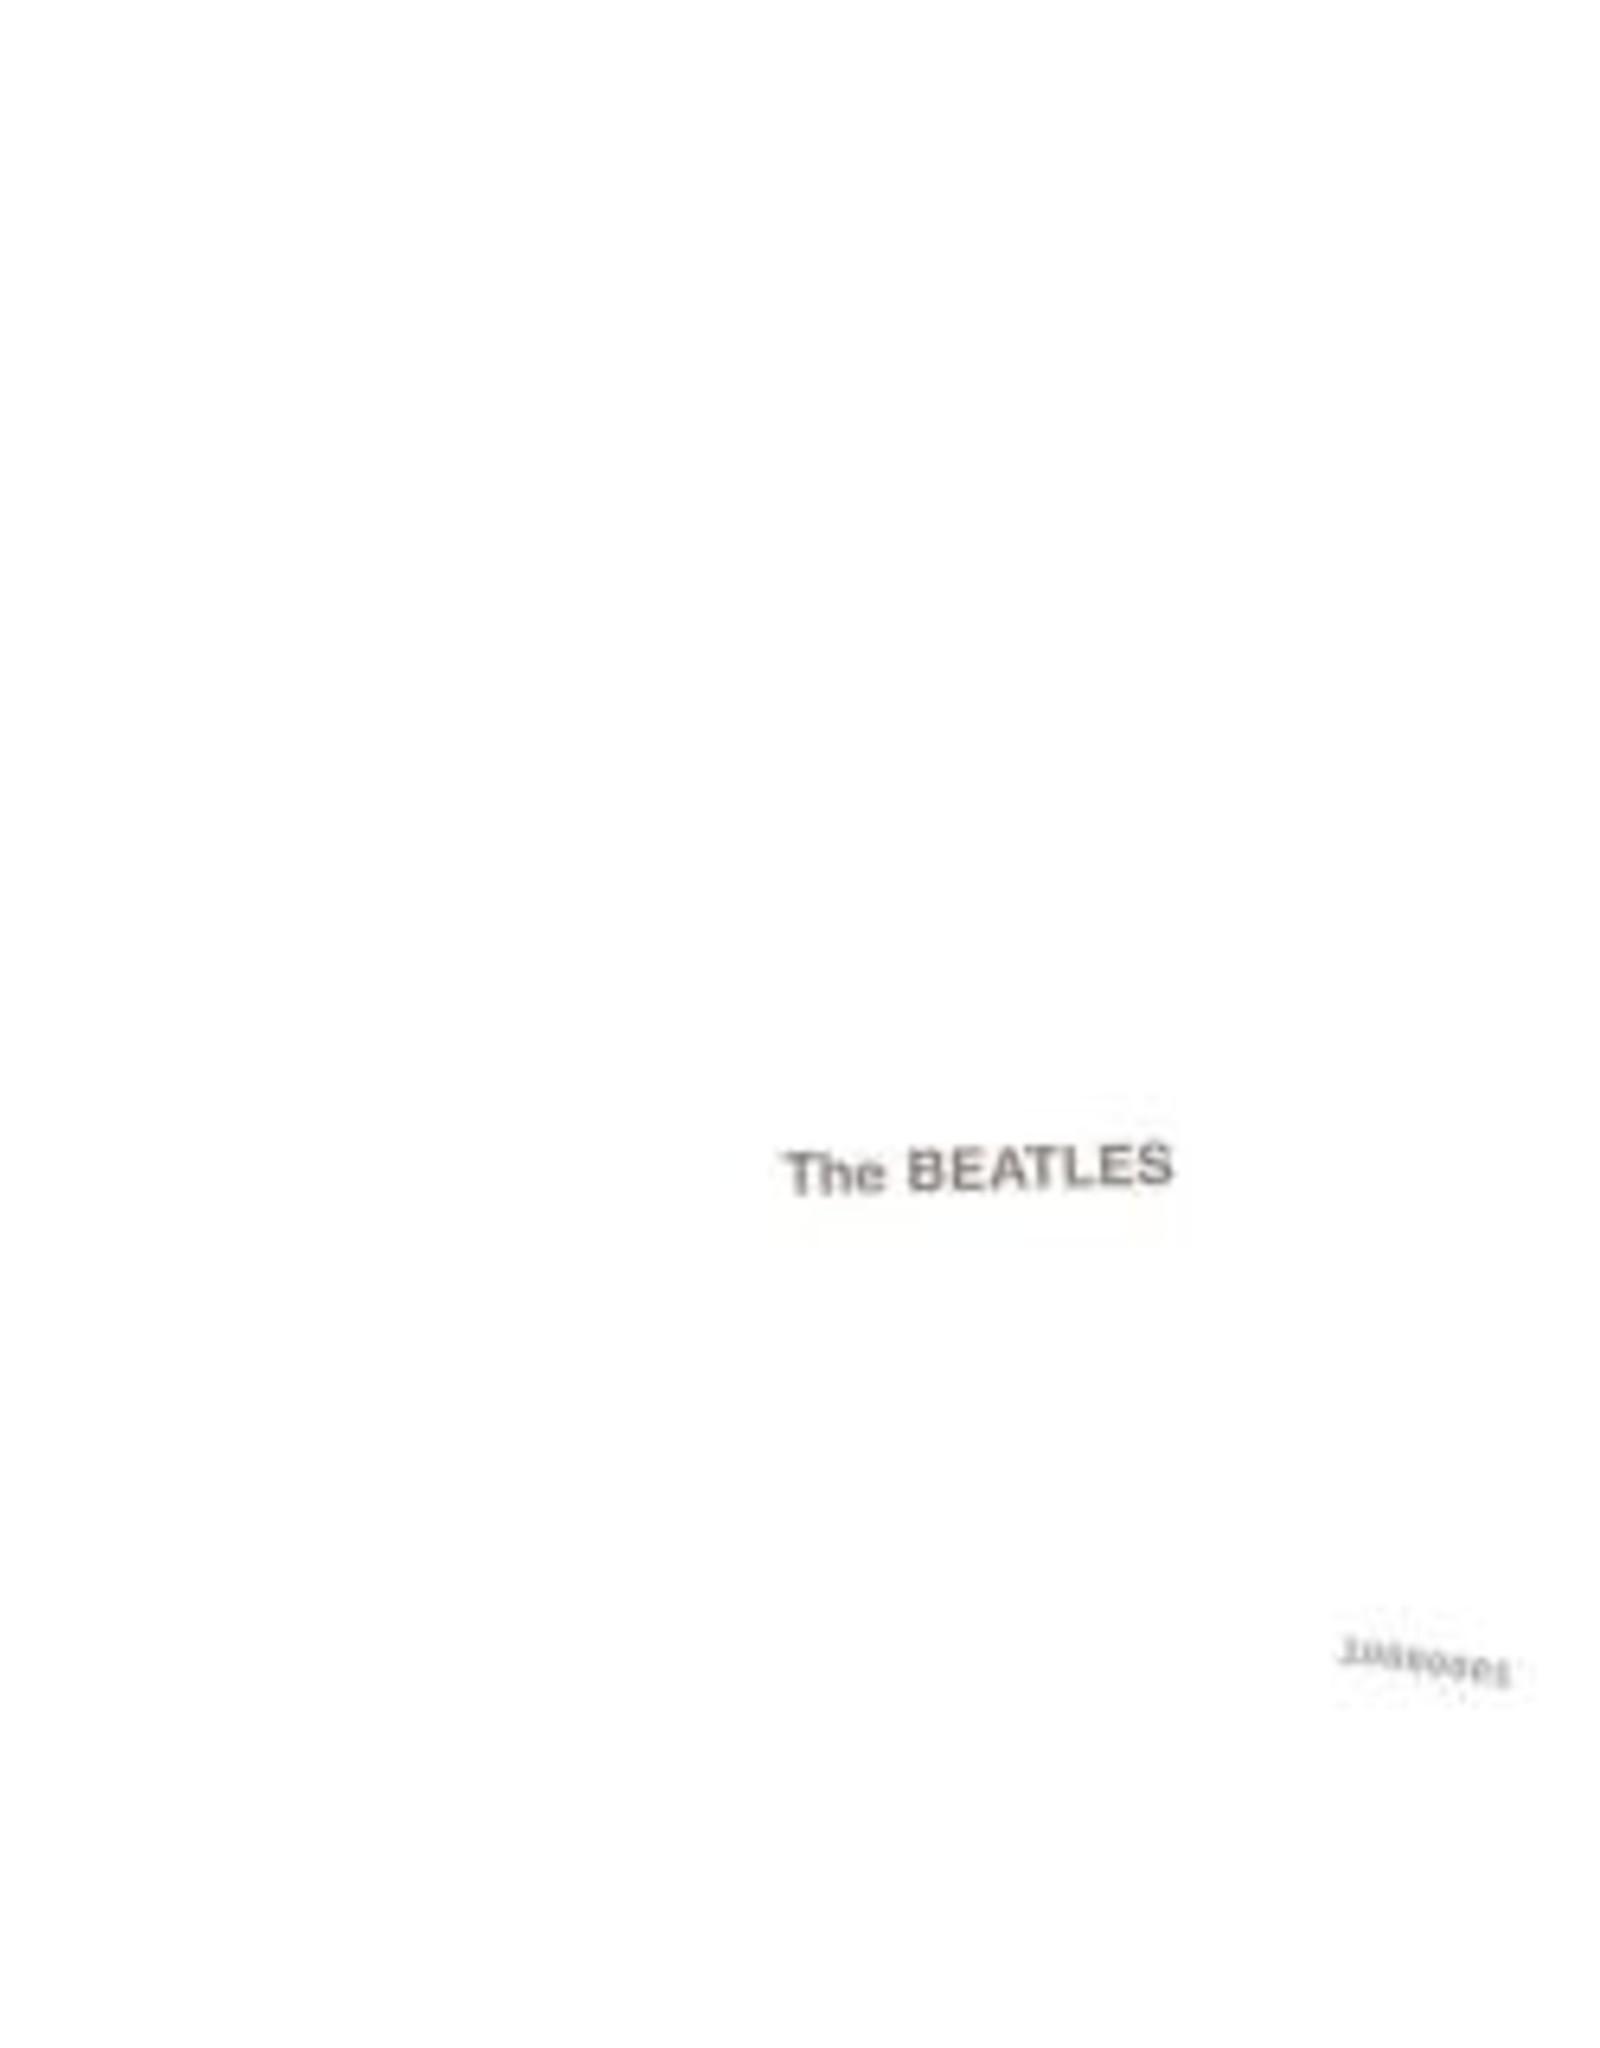 Beatles - S/T (White Album) 2LP